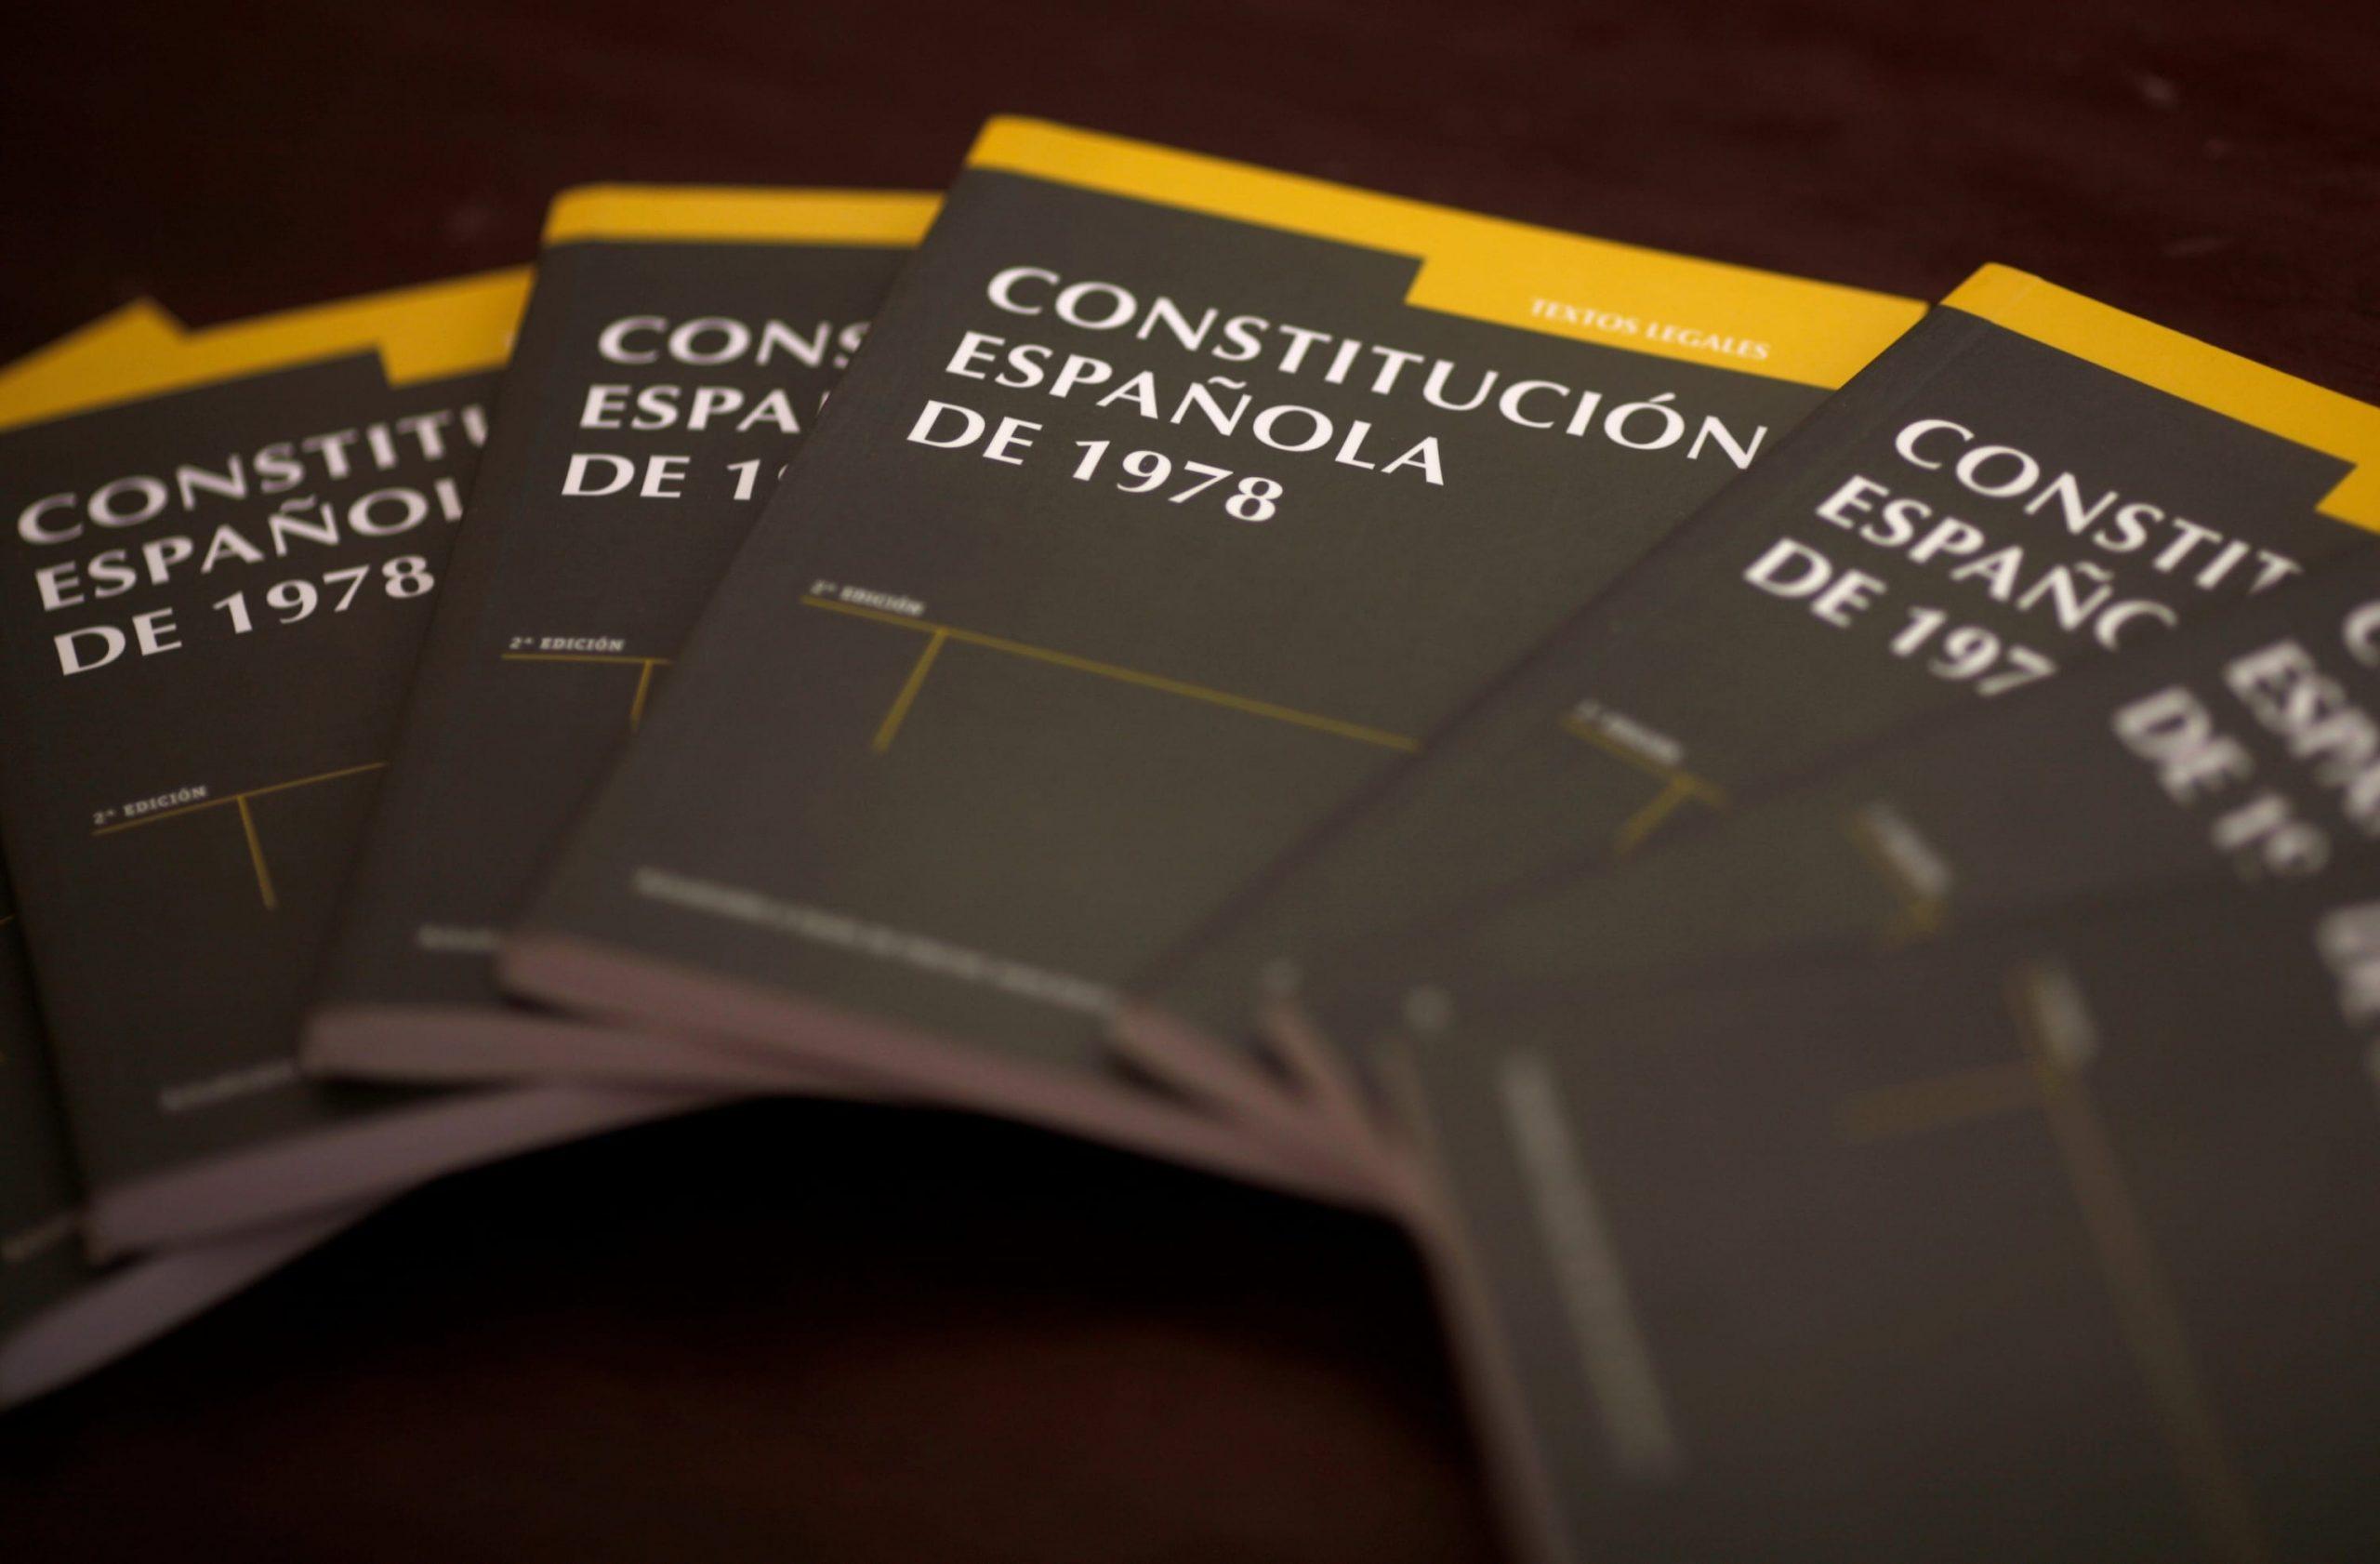 Constitución y servicios públicos: el trabajo común por la dignidad.